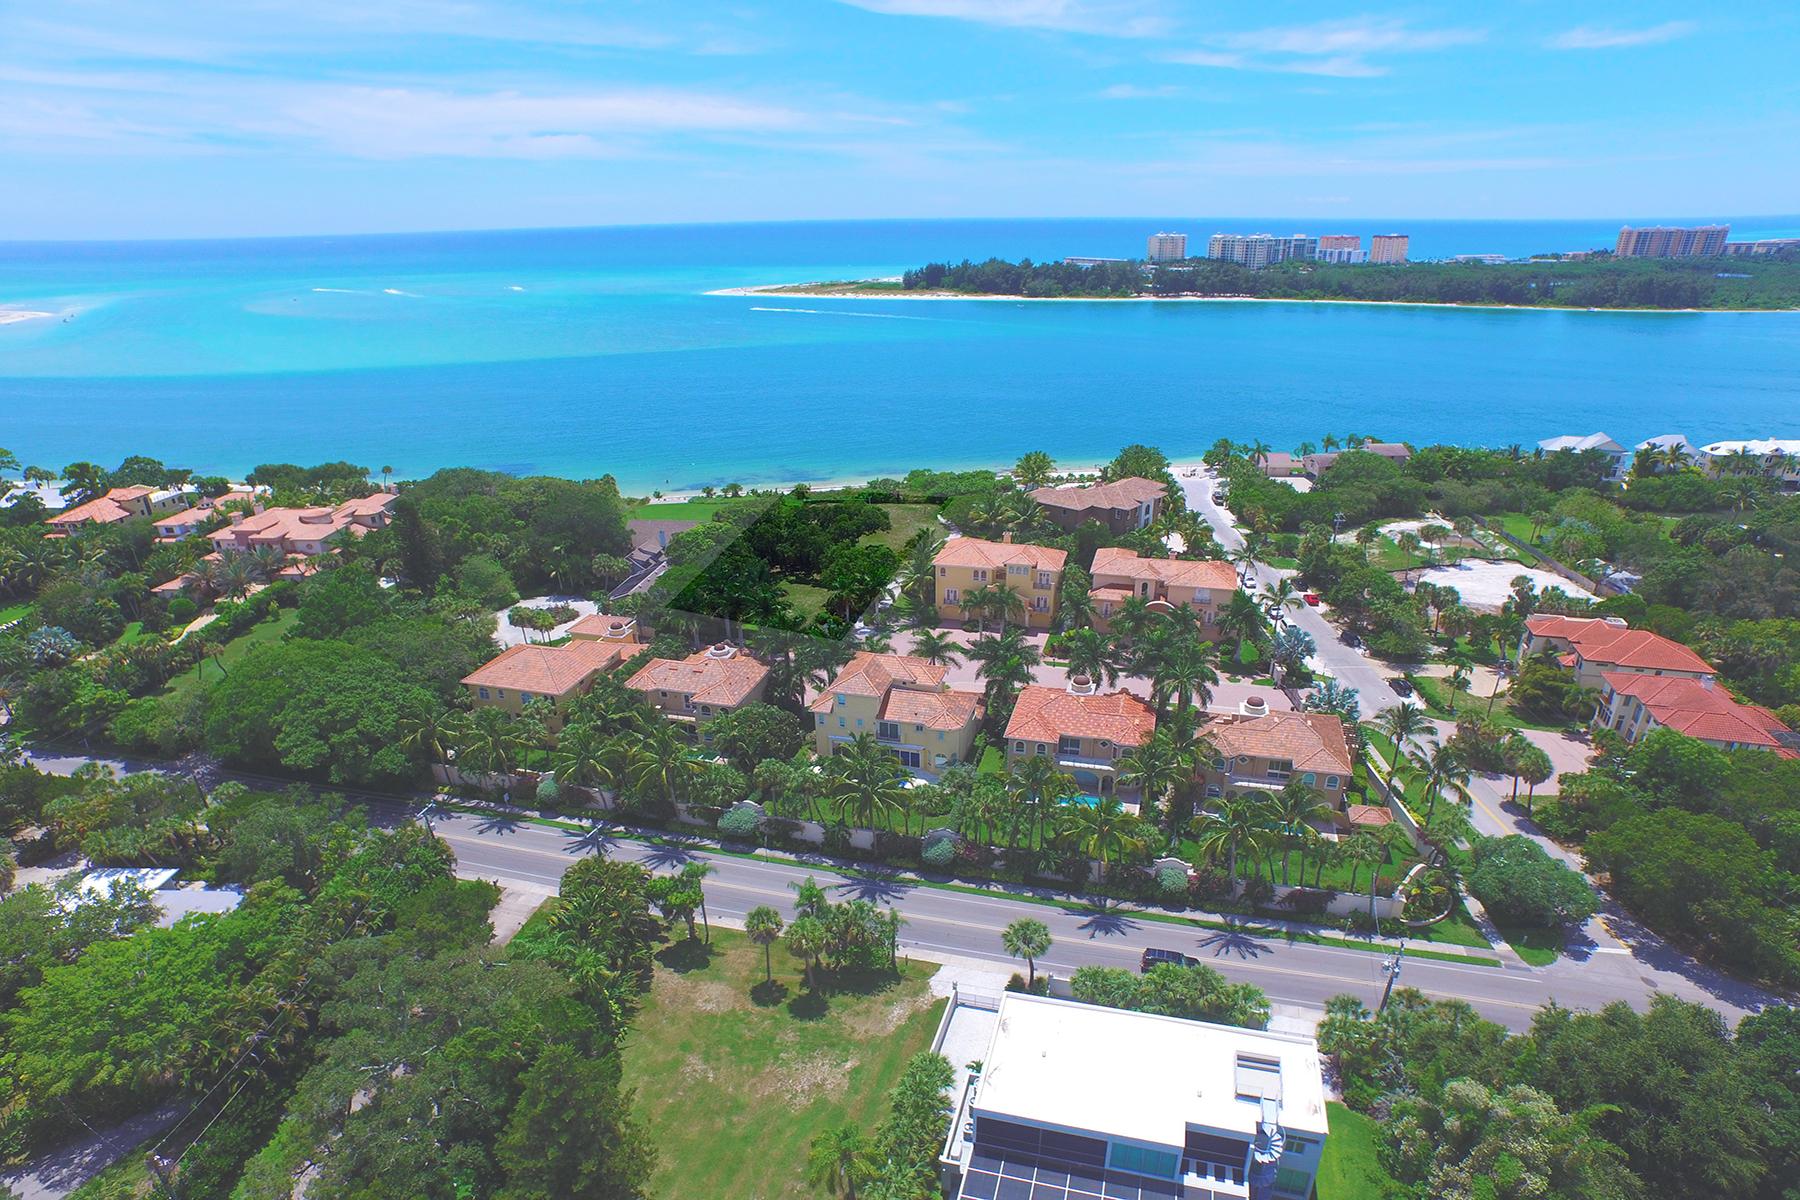 토지 용 매매 에 SOLYMAR 3928 Solymar Dr 6 Sarasota, 플로리다 34242 미국